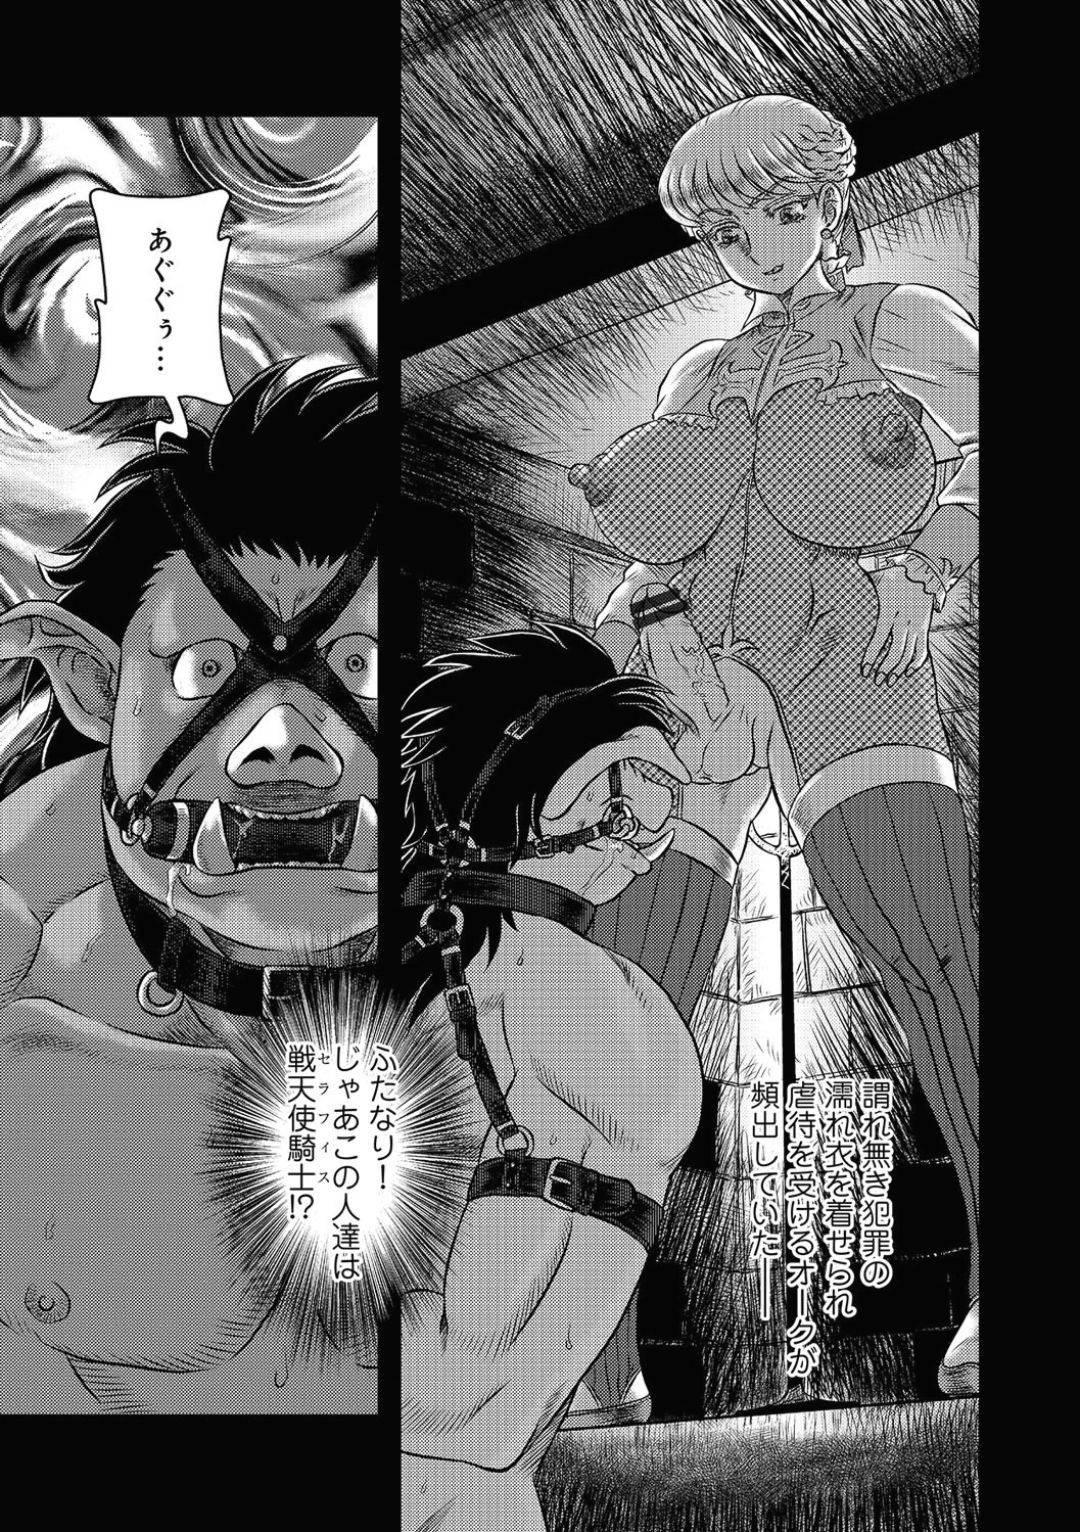 【エロ漫画】性的暴行の容疑で巨漢オークを拘束した女騎士。彼女は彼を尋問と称して部下の女たちにデカマラをフェラさせたり、玉を責めたりとエッチな拷問をし続けて男を陵辱しまくってレイプする。